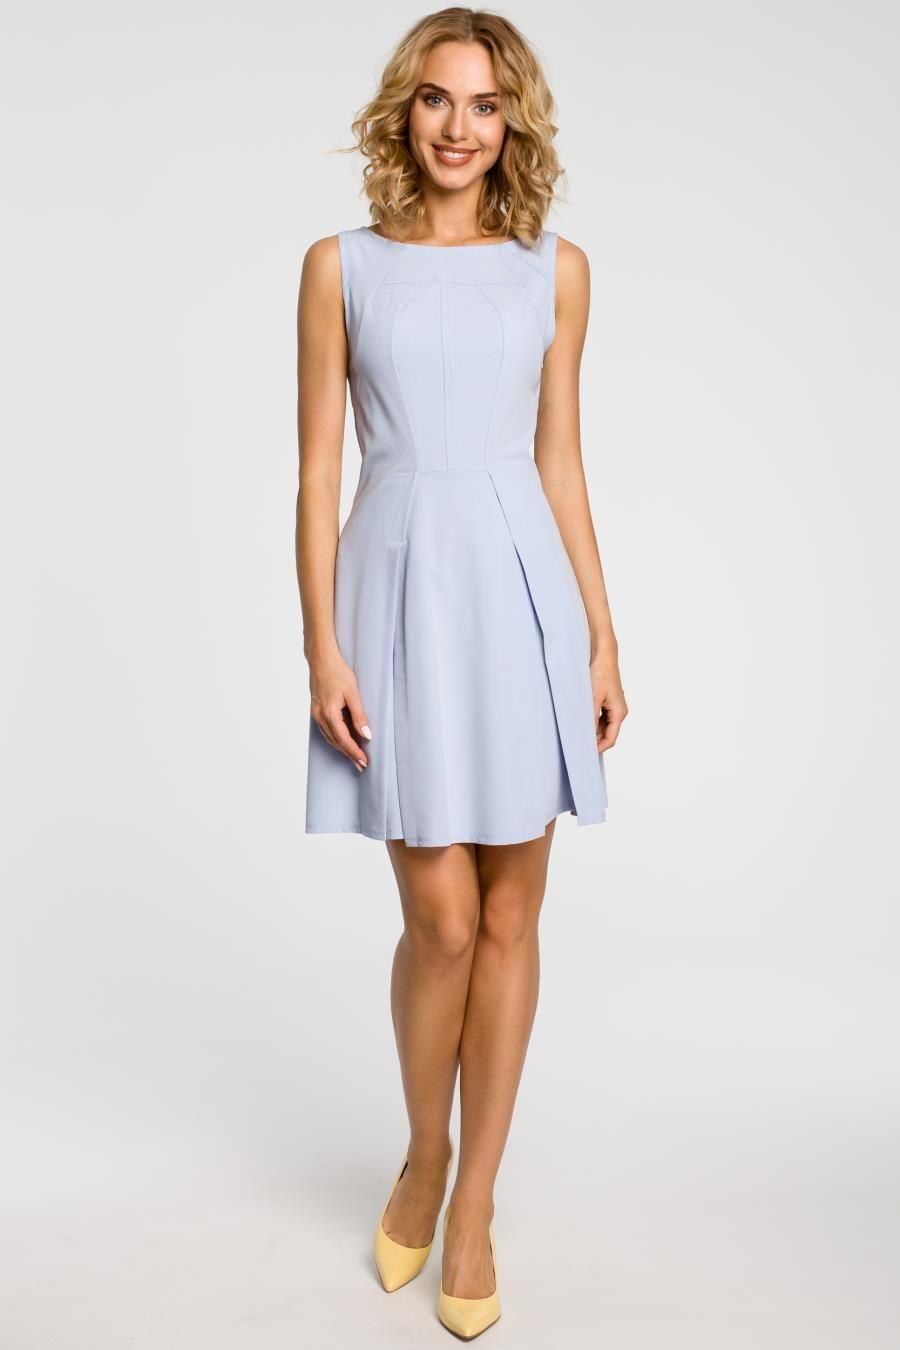 Sukienka Rozkloszowana Z Przeszyciami Blekitna Mo188 Fashion Dresses Fashion Dresses